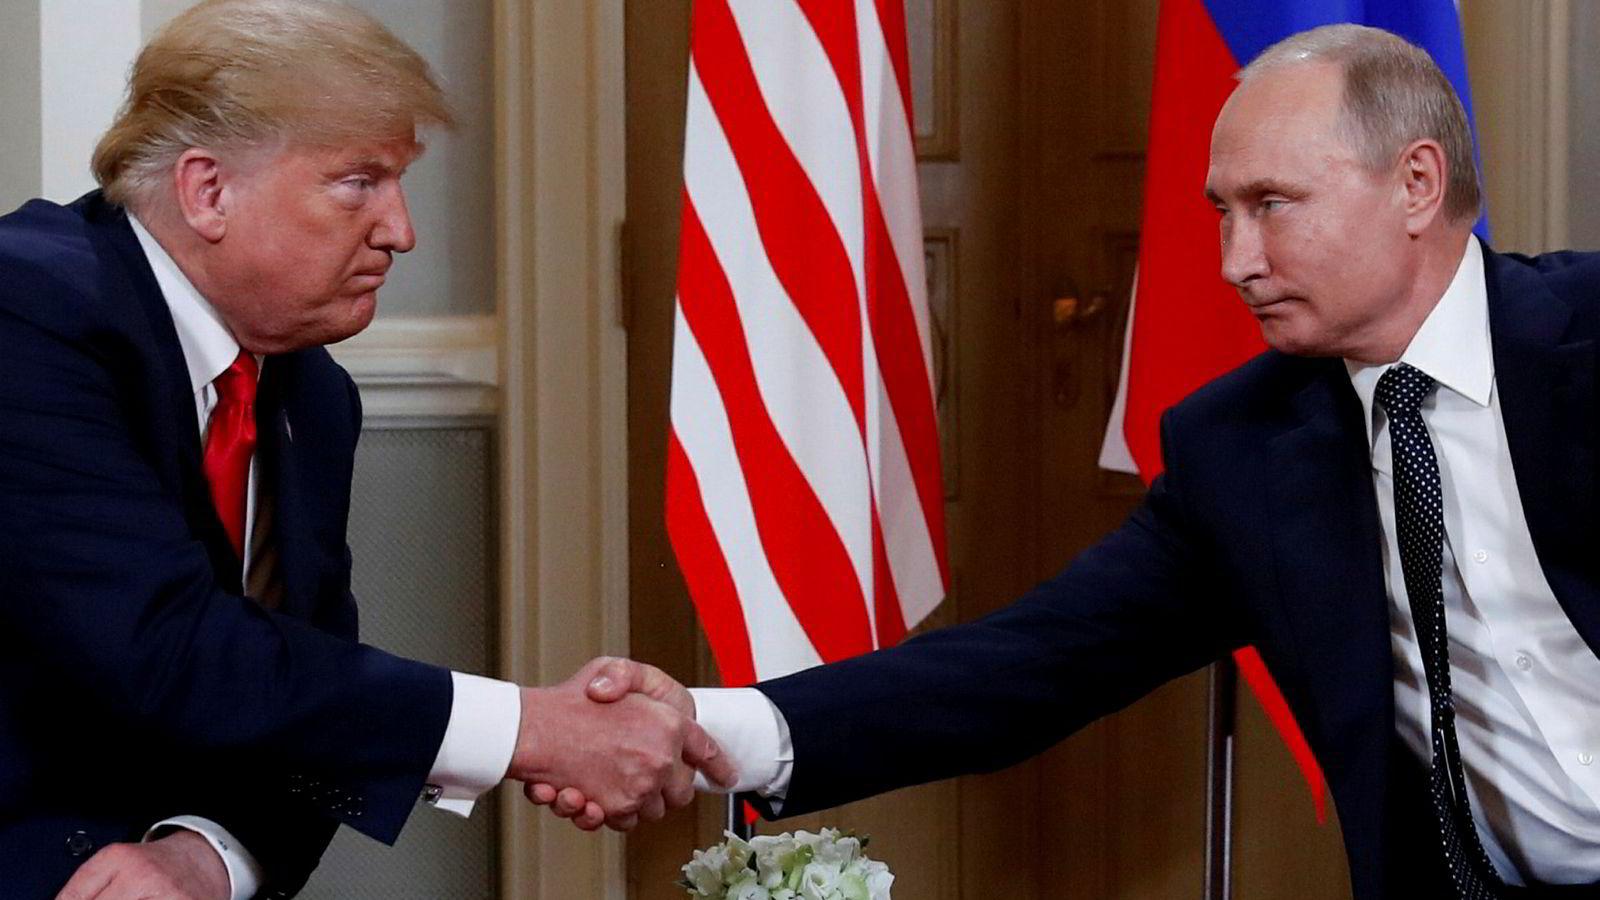 Det skal ifølge amerikanske medier ha blitt diskutert å gi Russlands president Vladimir Putin en toppleilighet i det planlagte Trump Towers i Moskva.